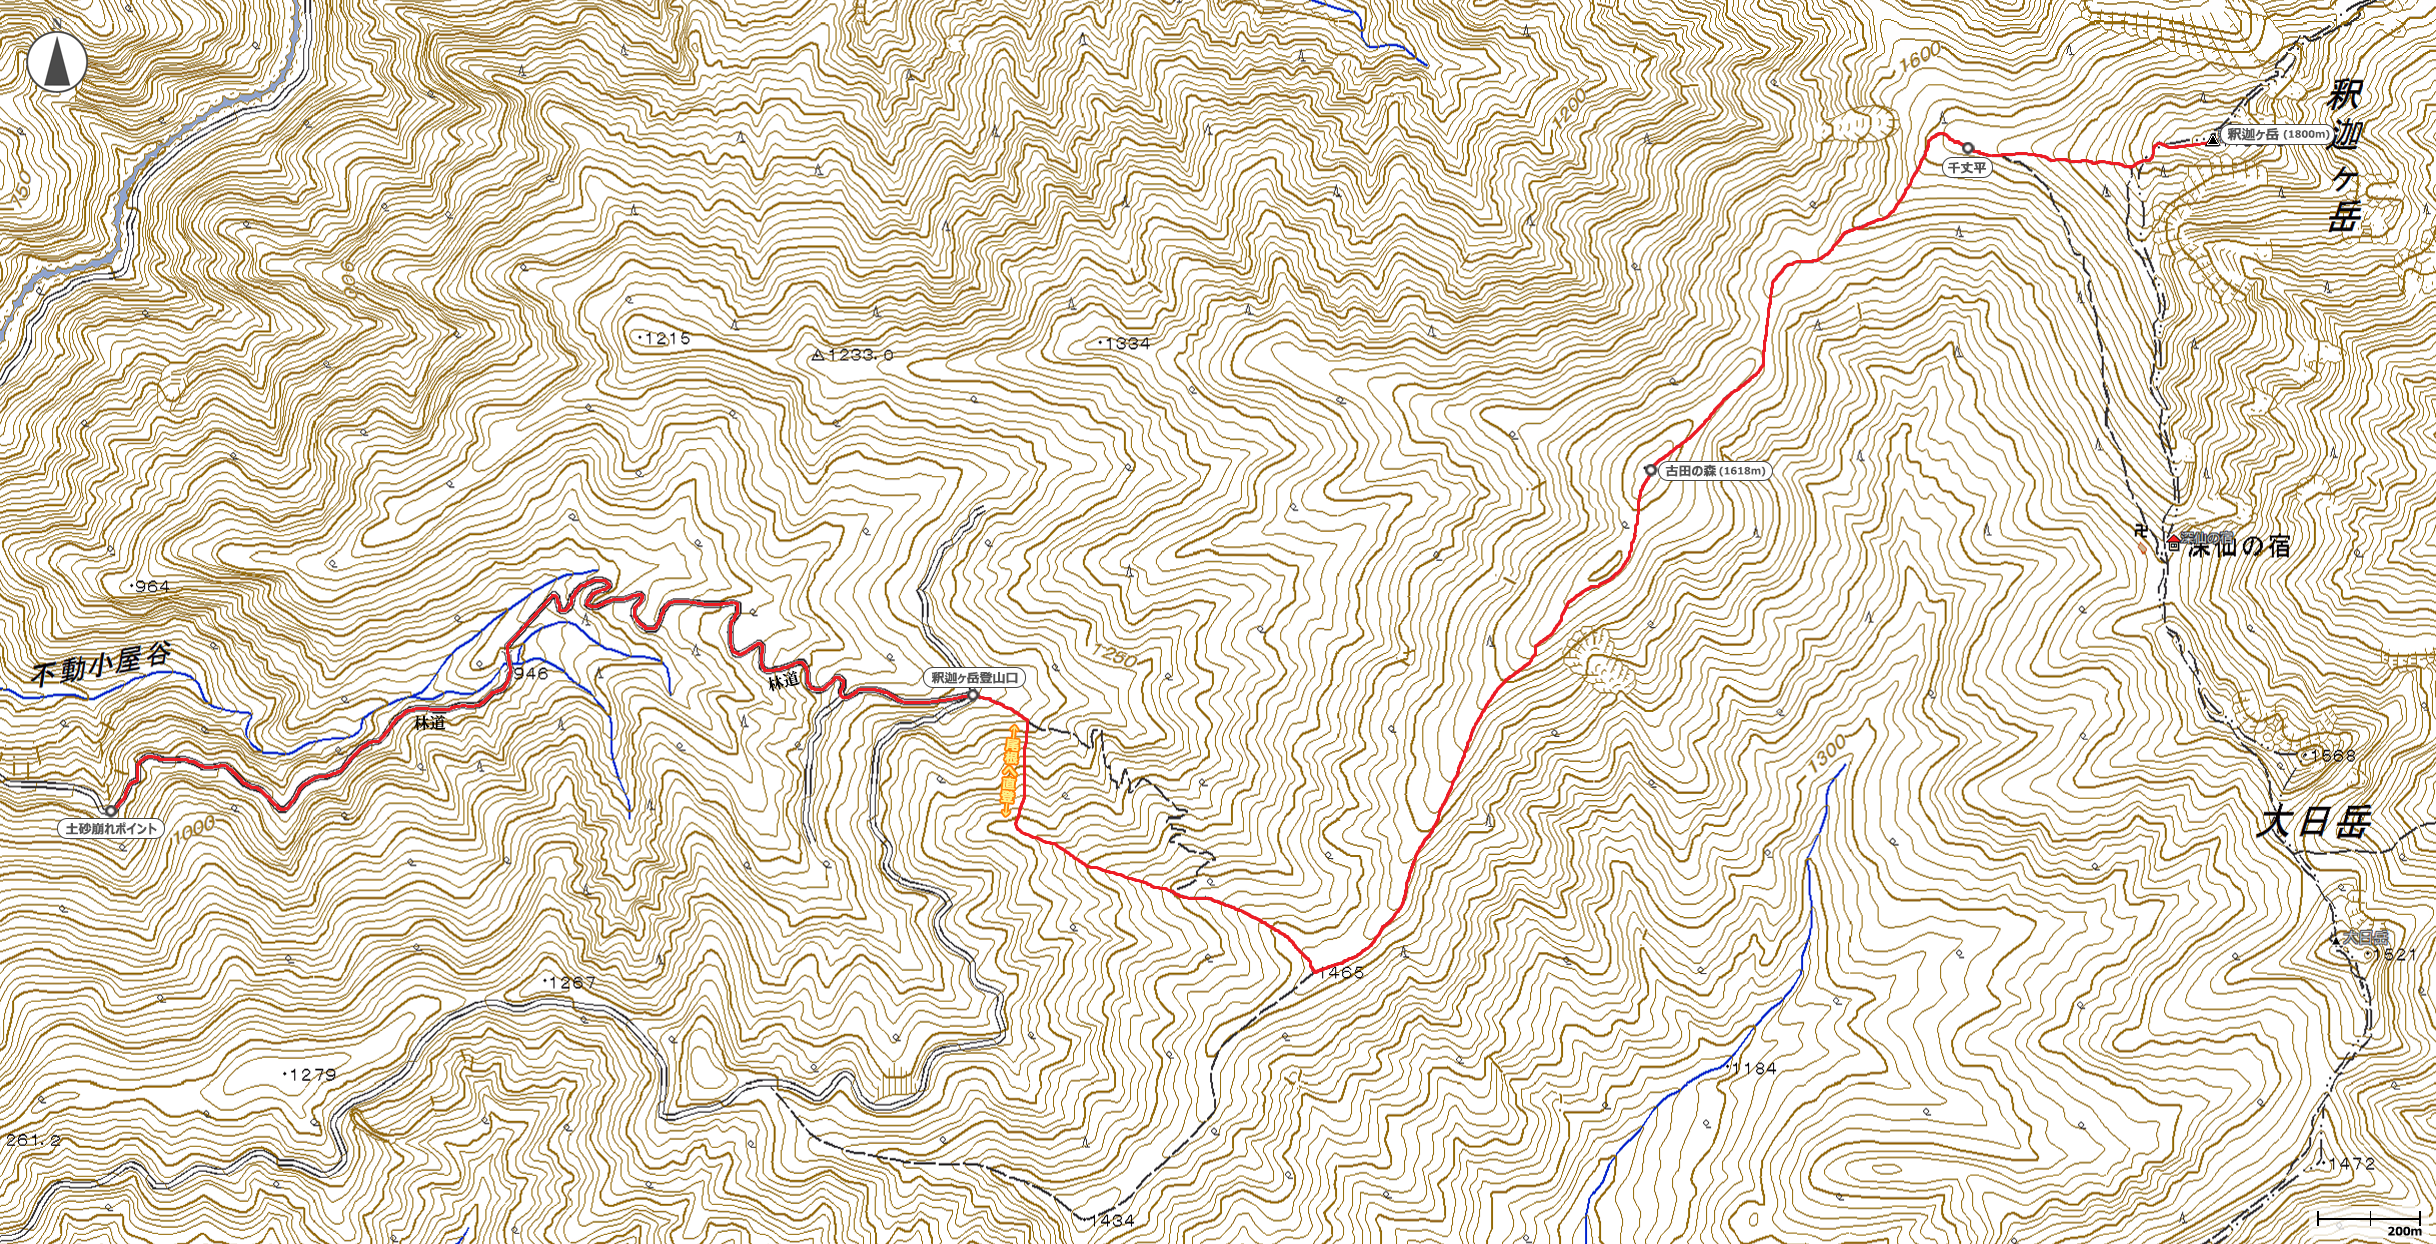 大峰・釈迦ヶ岳地図